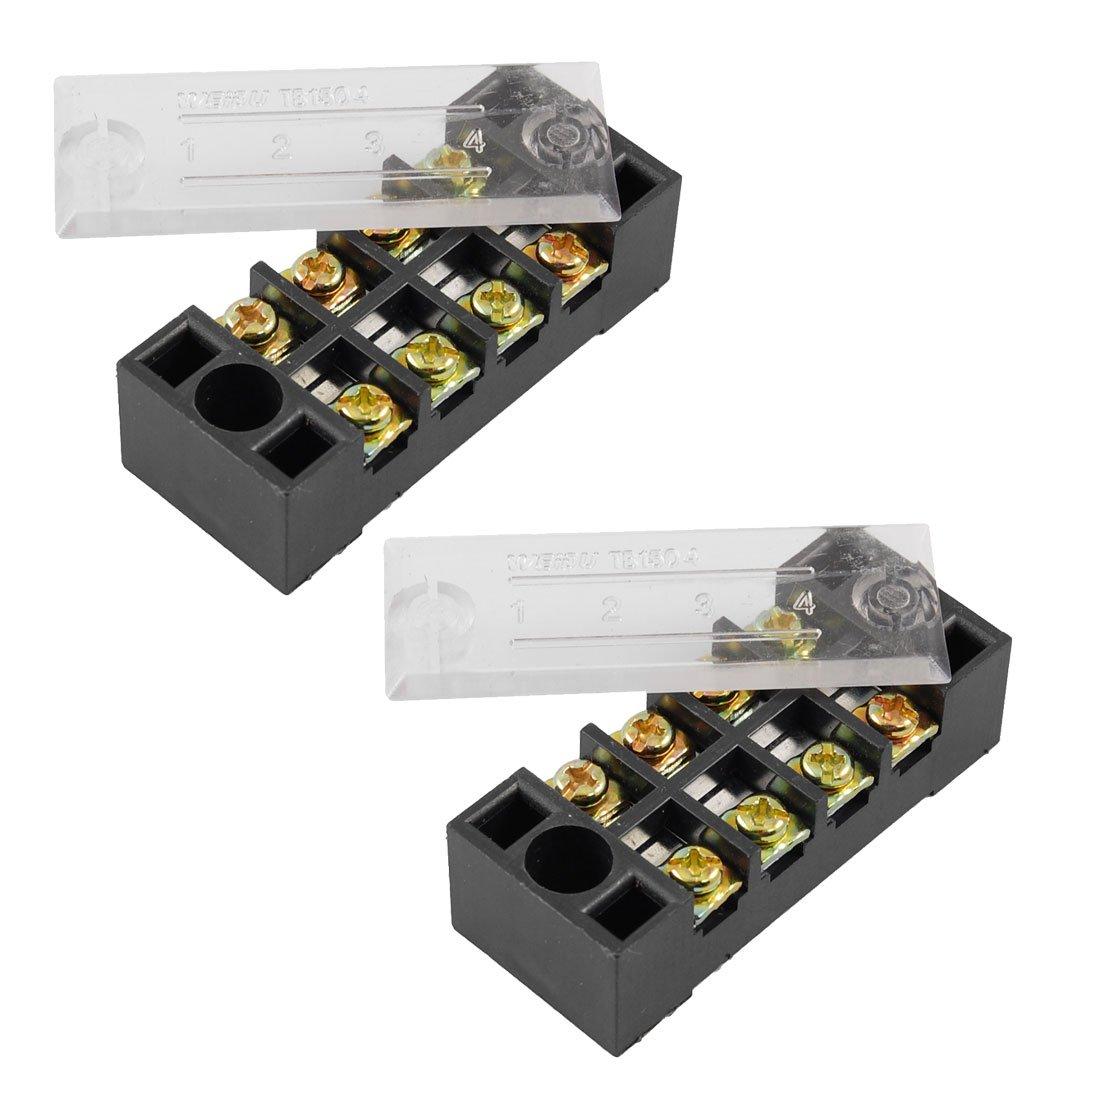 Sourcingmap® 600V 15A Double rangée 4 Positions borniers vis barrière 2 pcs sourcing map a12032000ux0569